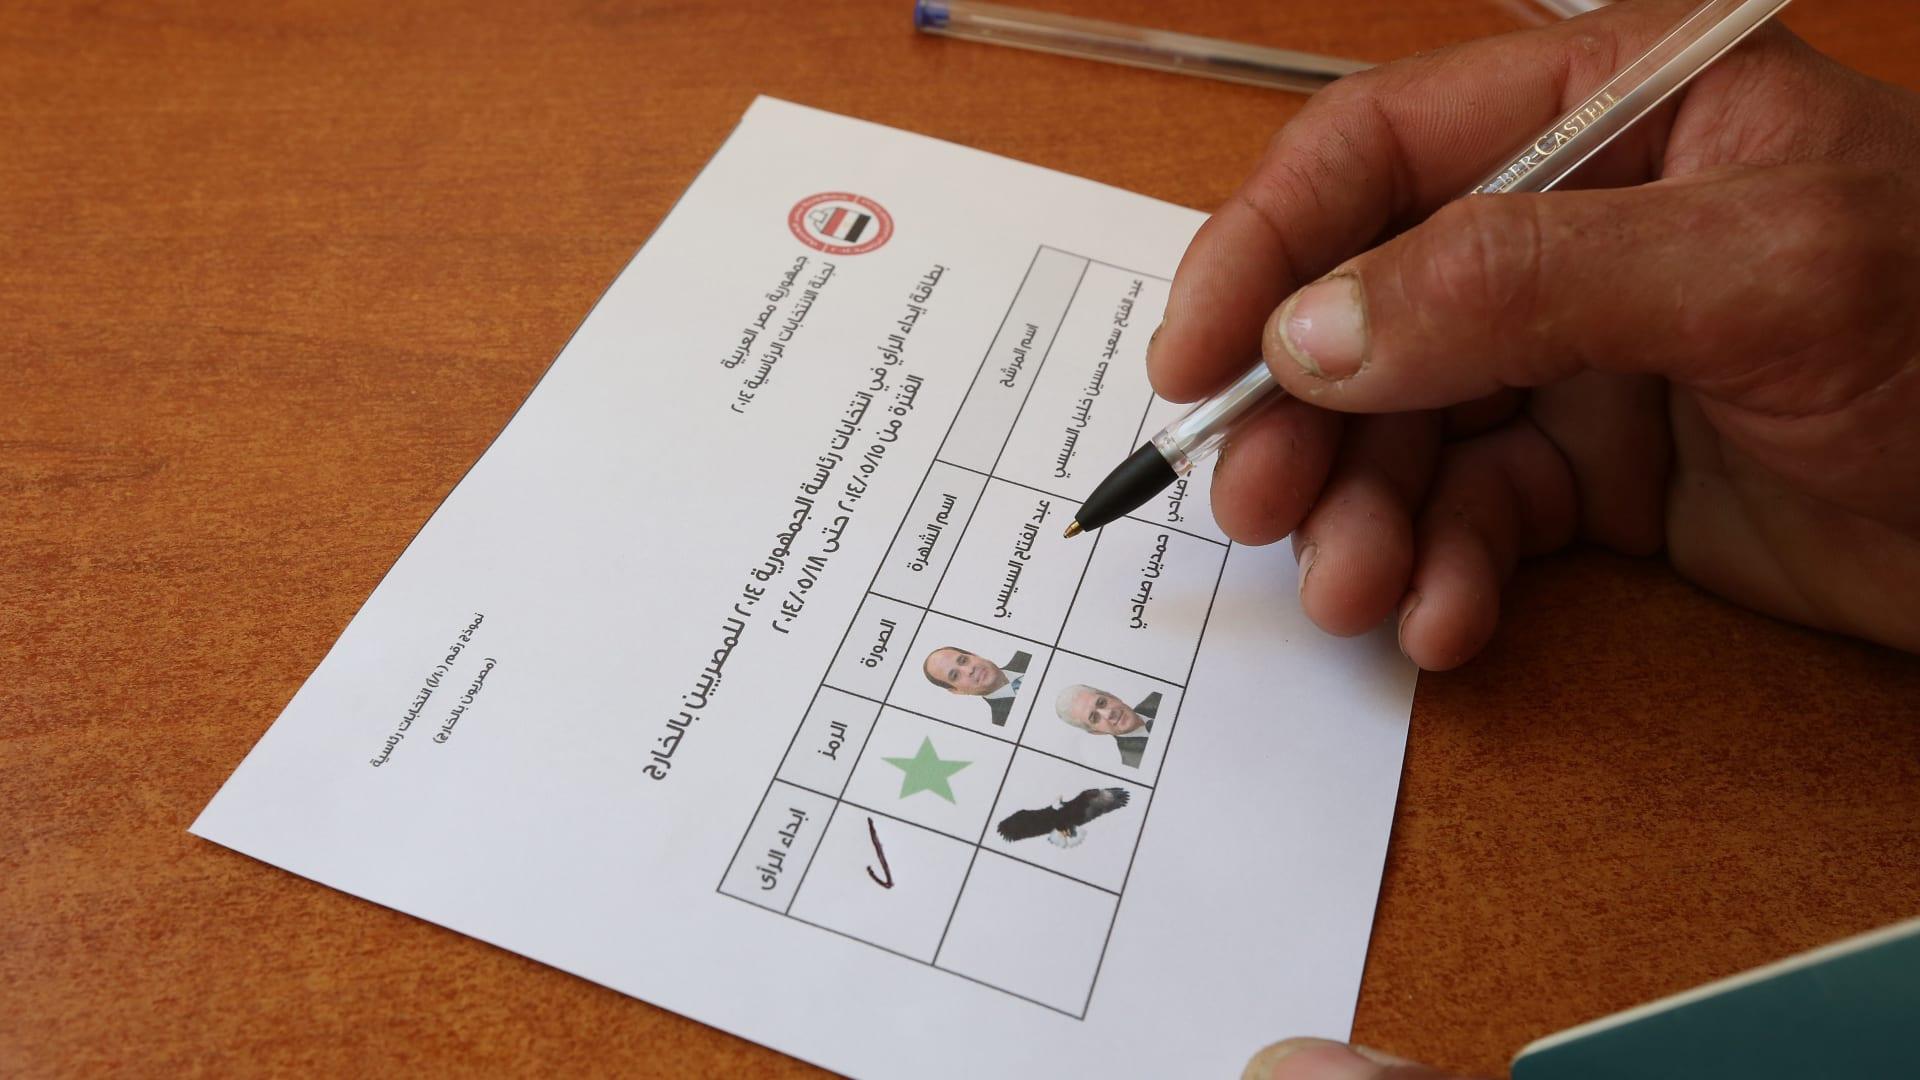 مصري يملأ استمارة الاقتراع في السفارة المصرية بلبنان.